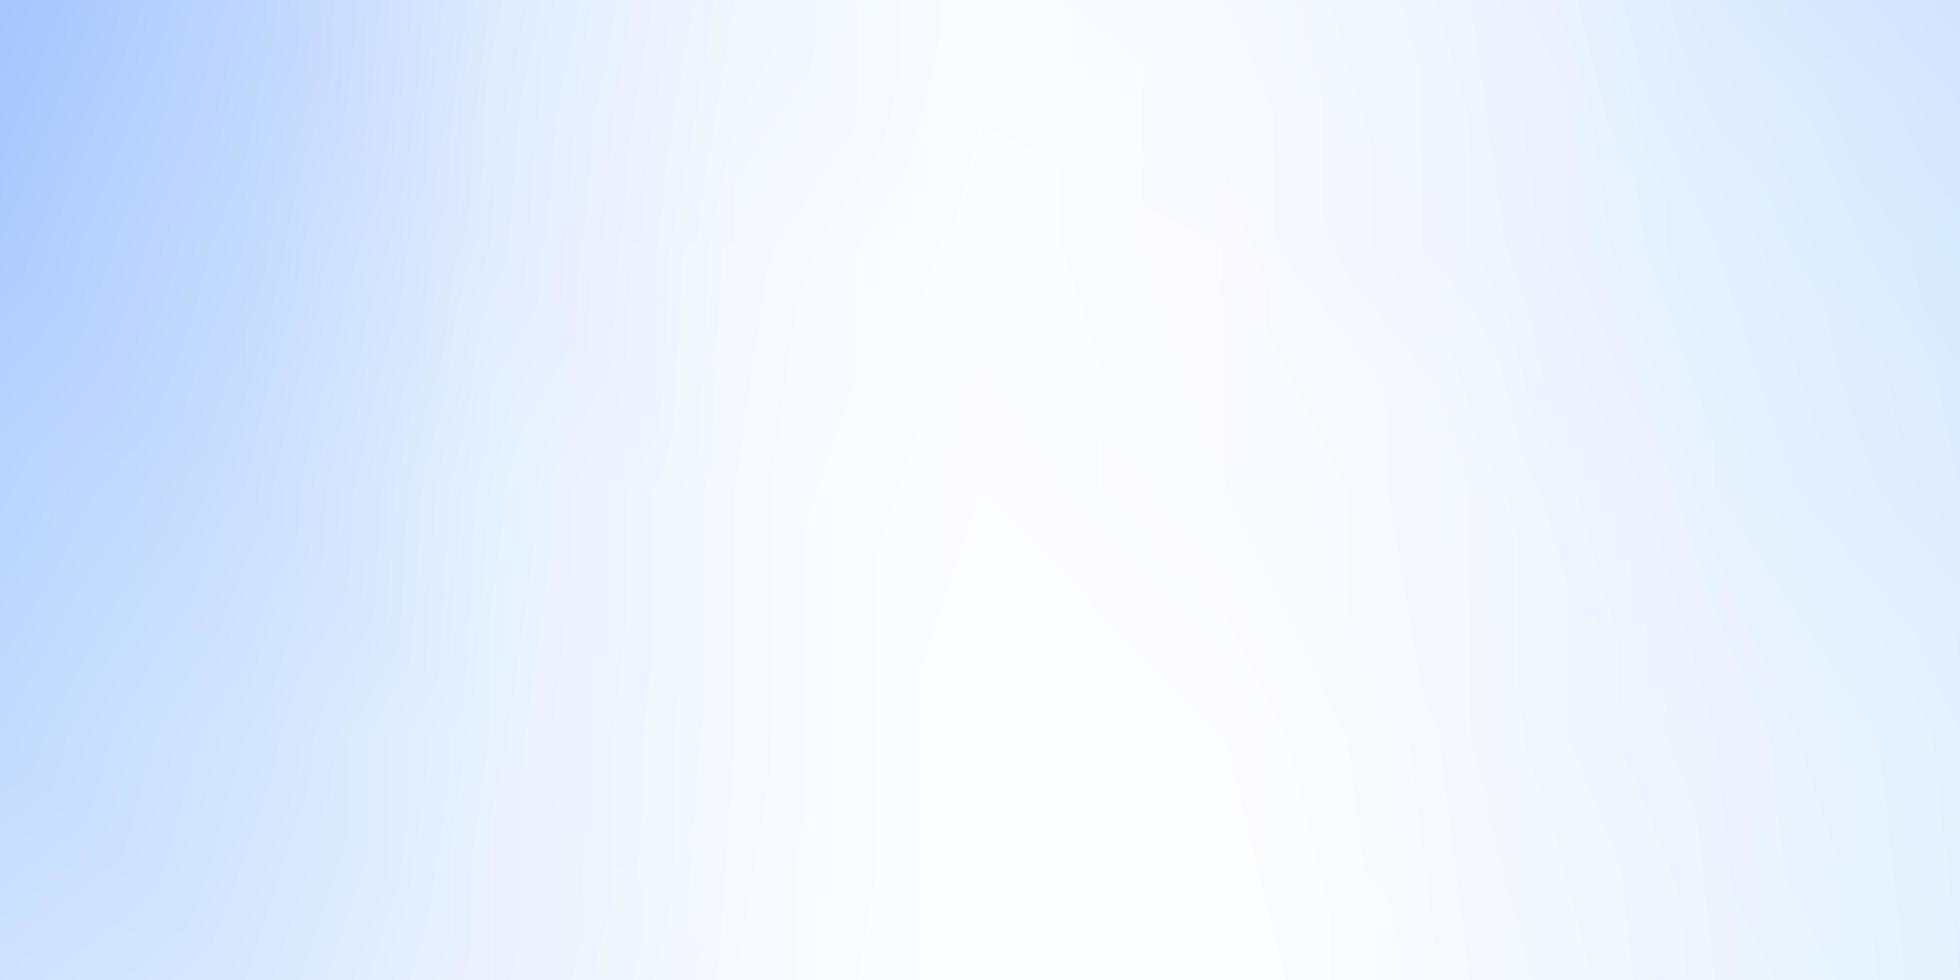 fondo colorido borroso azul claro. vector